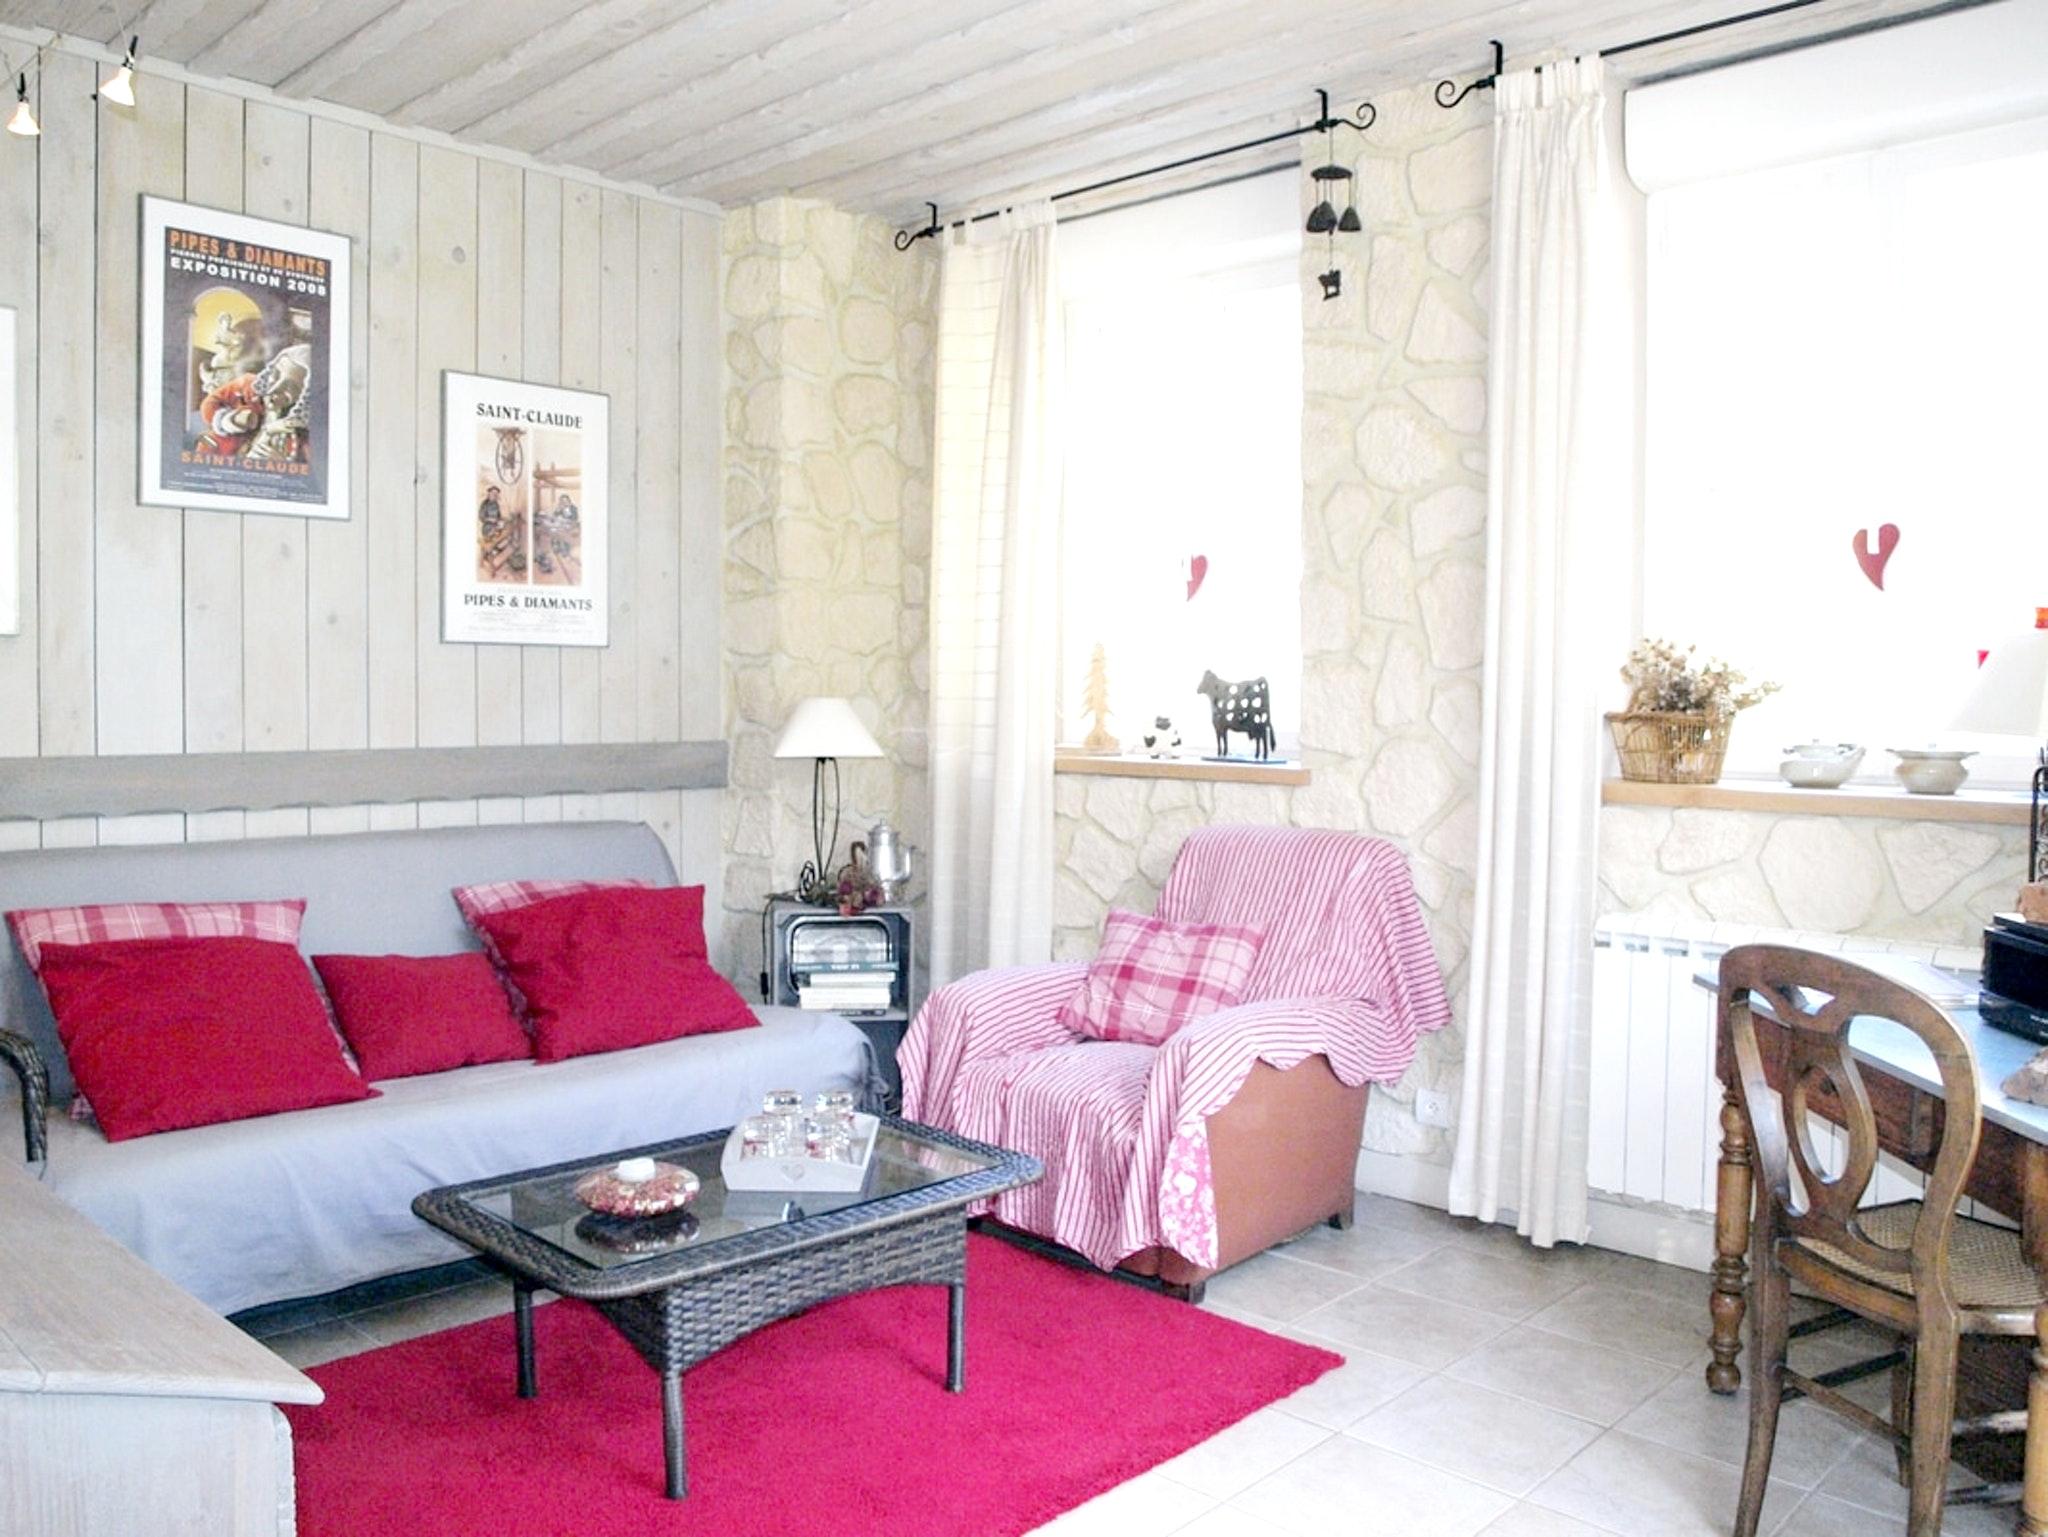 Maison de vacances Haus mit 2 Schlafzimmern in Villard-Saint-Sauveur mit toller Aussicht auf die Berge und ei (2704040), Villard sur Bienne, Jura, Franche-Comté, France, image 4